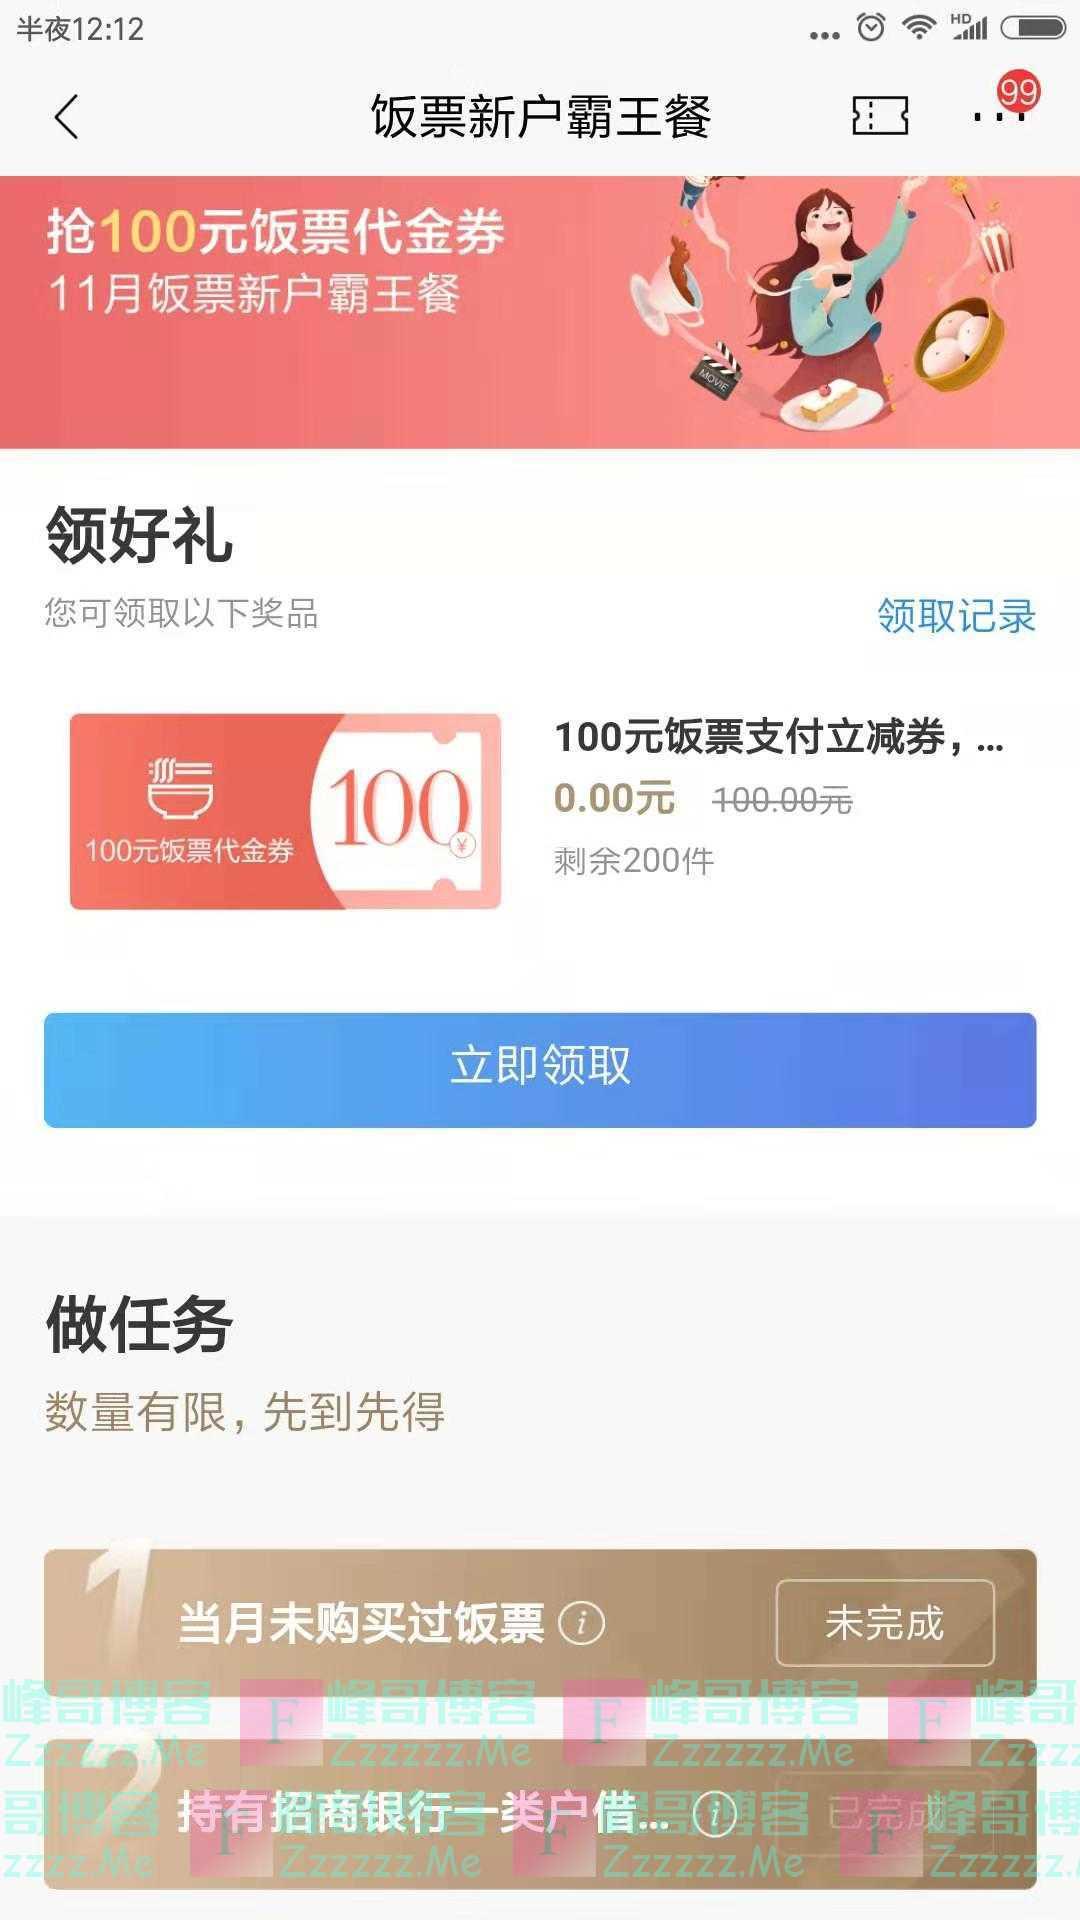 招行11月饭票新户霸王餐2(截止11月12日)